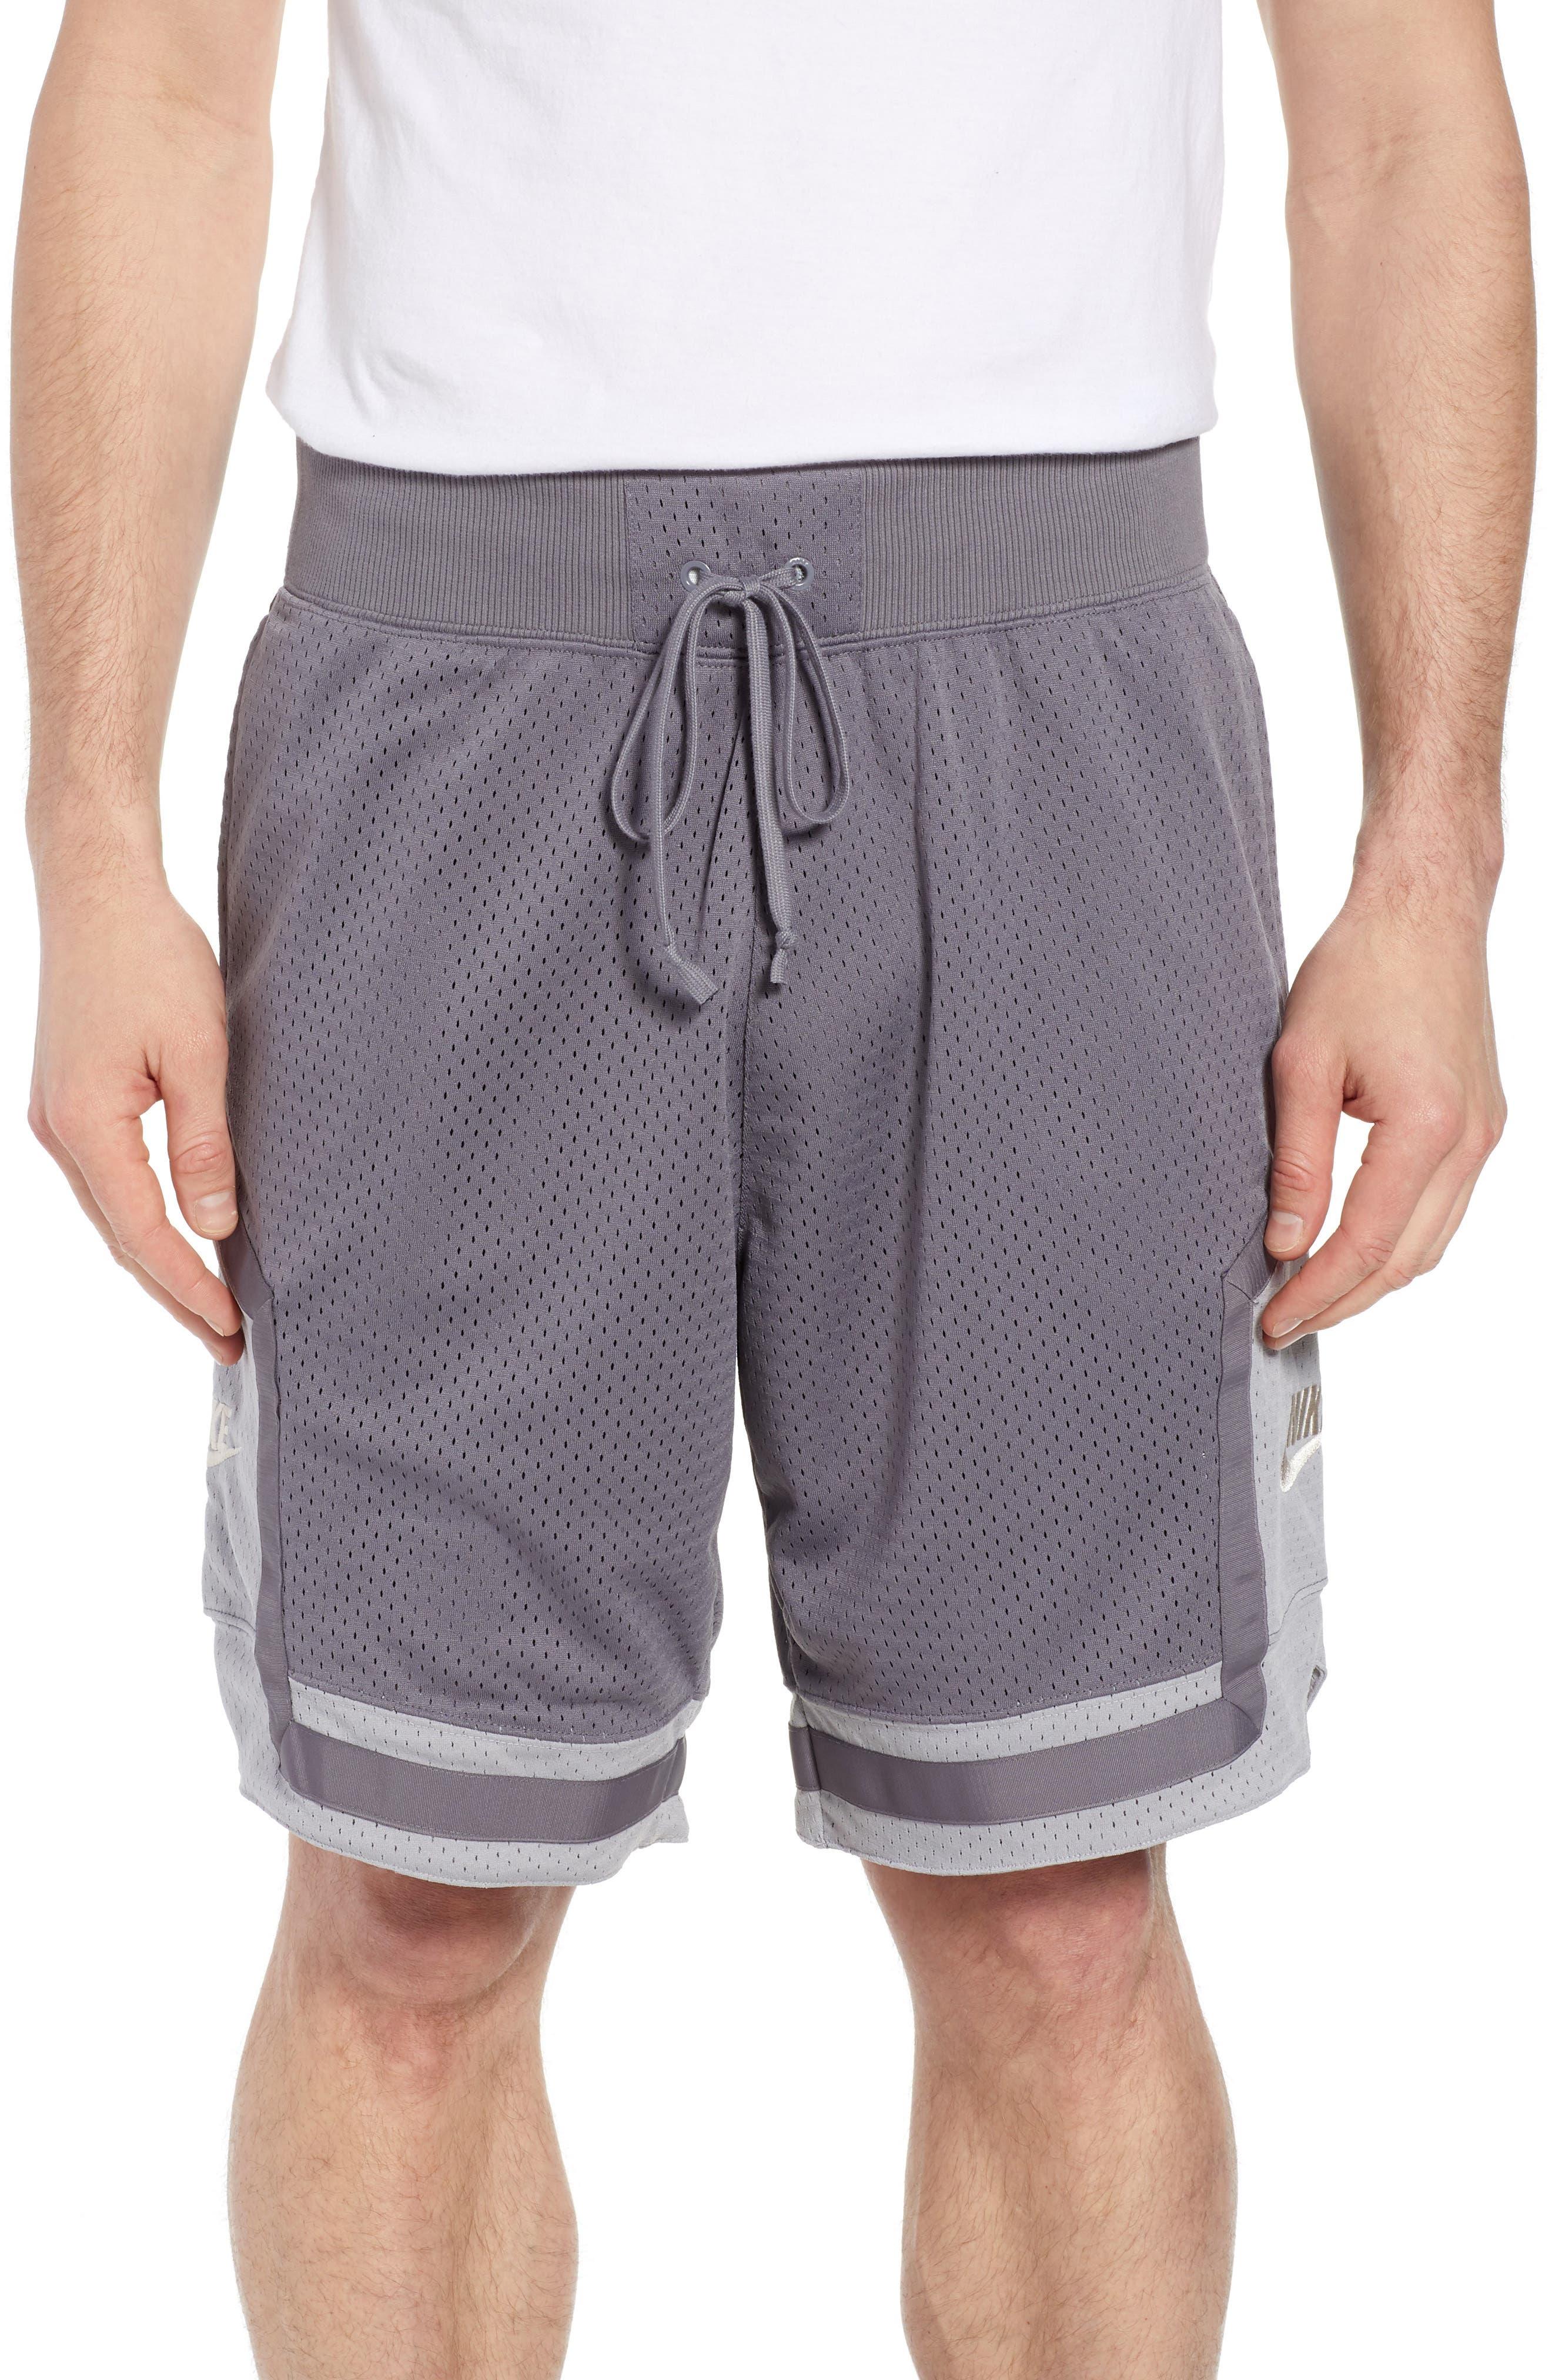 NSW AF1 Shorts,                         Main,                         color, GUNSMOKE/ GREY/ OREWOOD